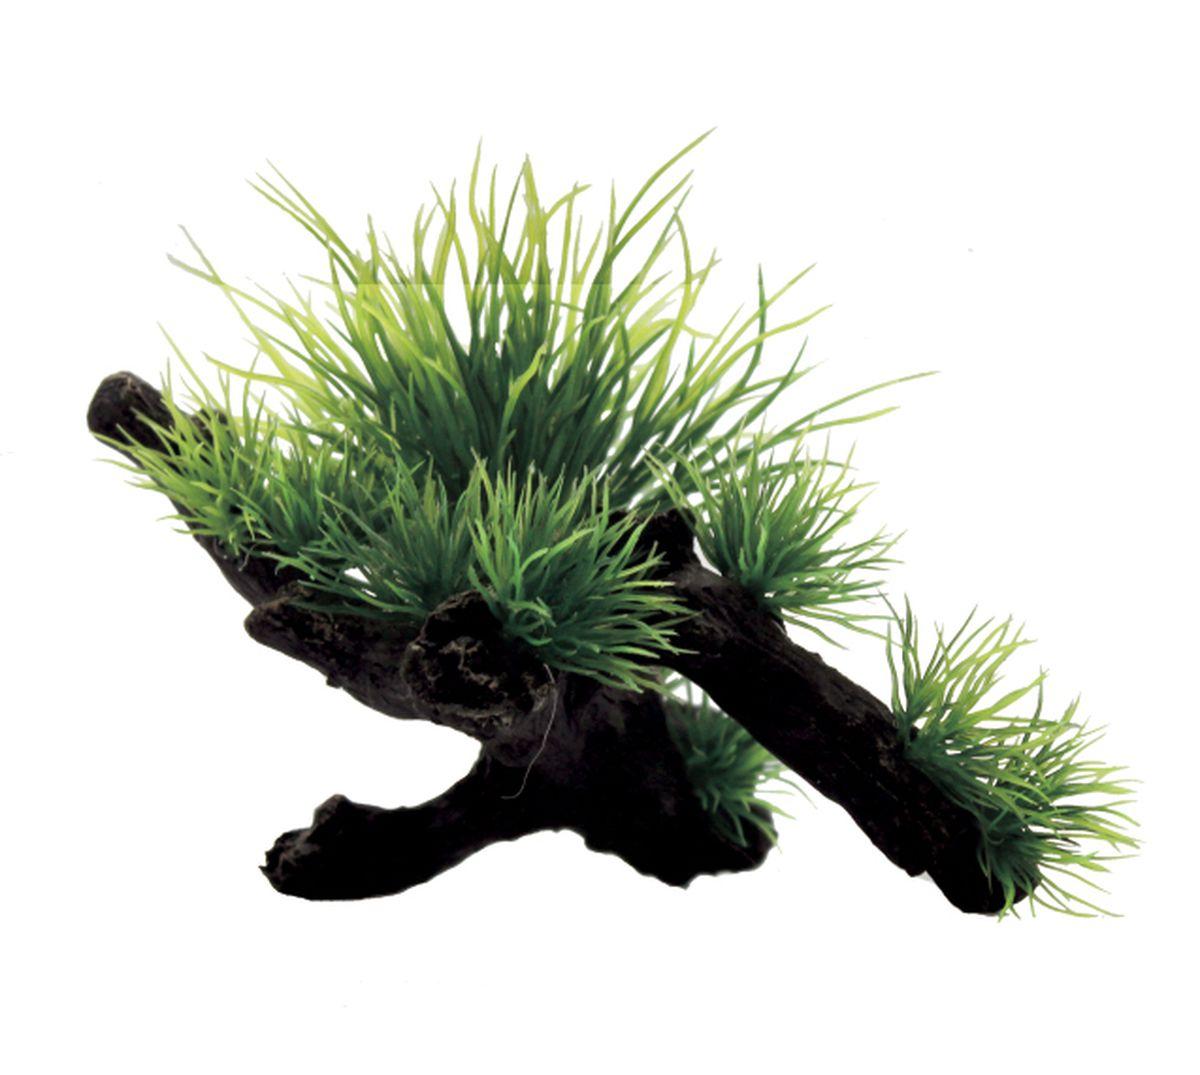 Композиция из растений для аквариума ArtUniq Ситняг на коряге, 15 x 10 x 11 см0120710Композиция из растений для аквариума ArtUniq Ситняг на коряге, 15 x 10 x 11 см